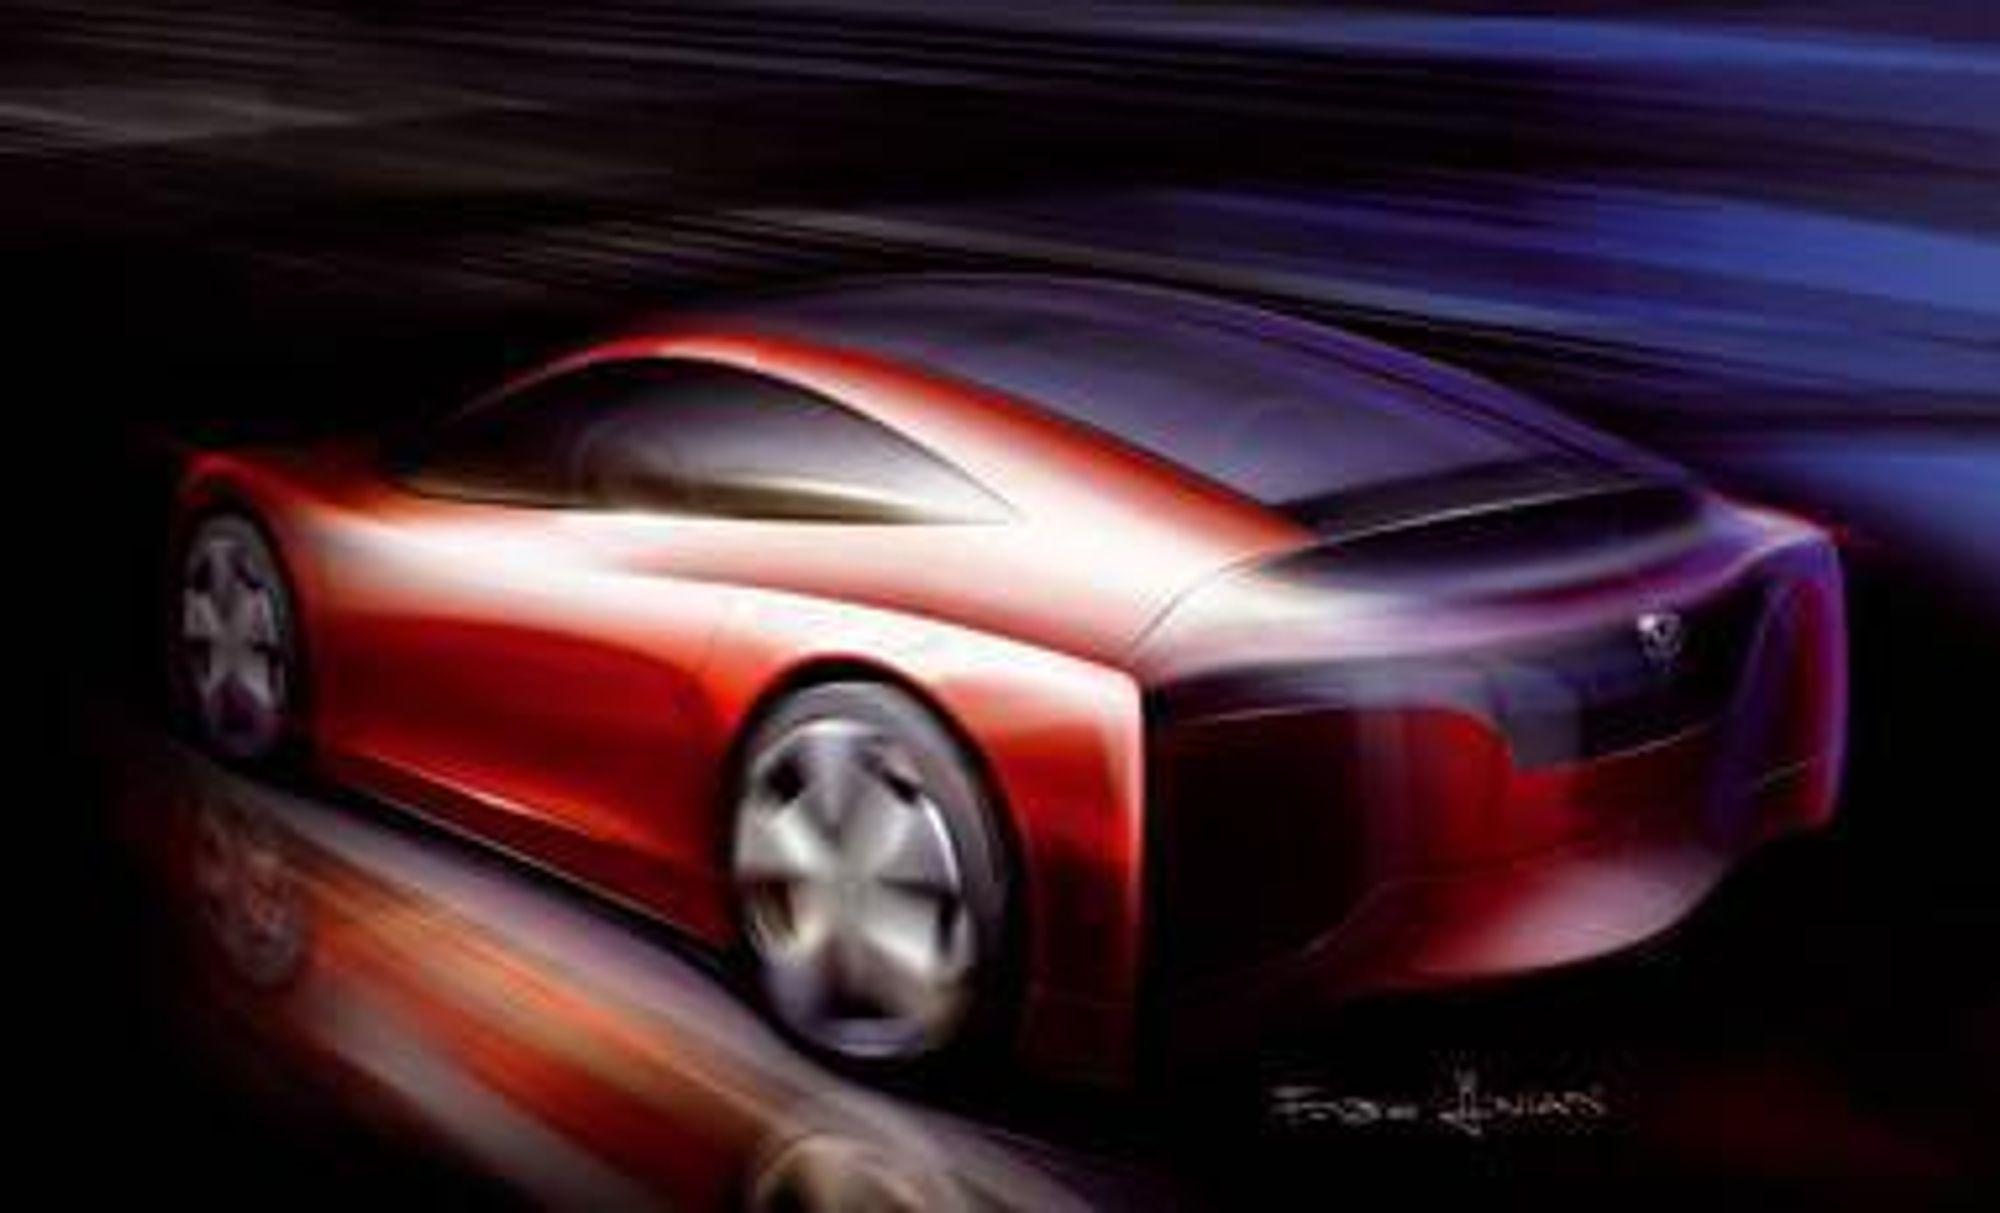 SKISSE: Honda FCX - der F står for Fuel og C for Celle. Flere instanser har bidatt til utvikling av en effektiv liten brenselcelle. Bilen  får en rekkevidde på  540 km rekkevidde og toppfarten 160 km/t.